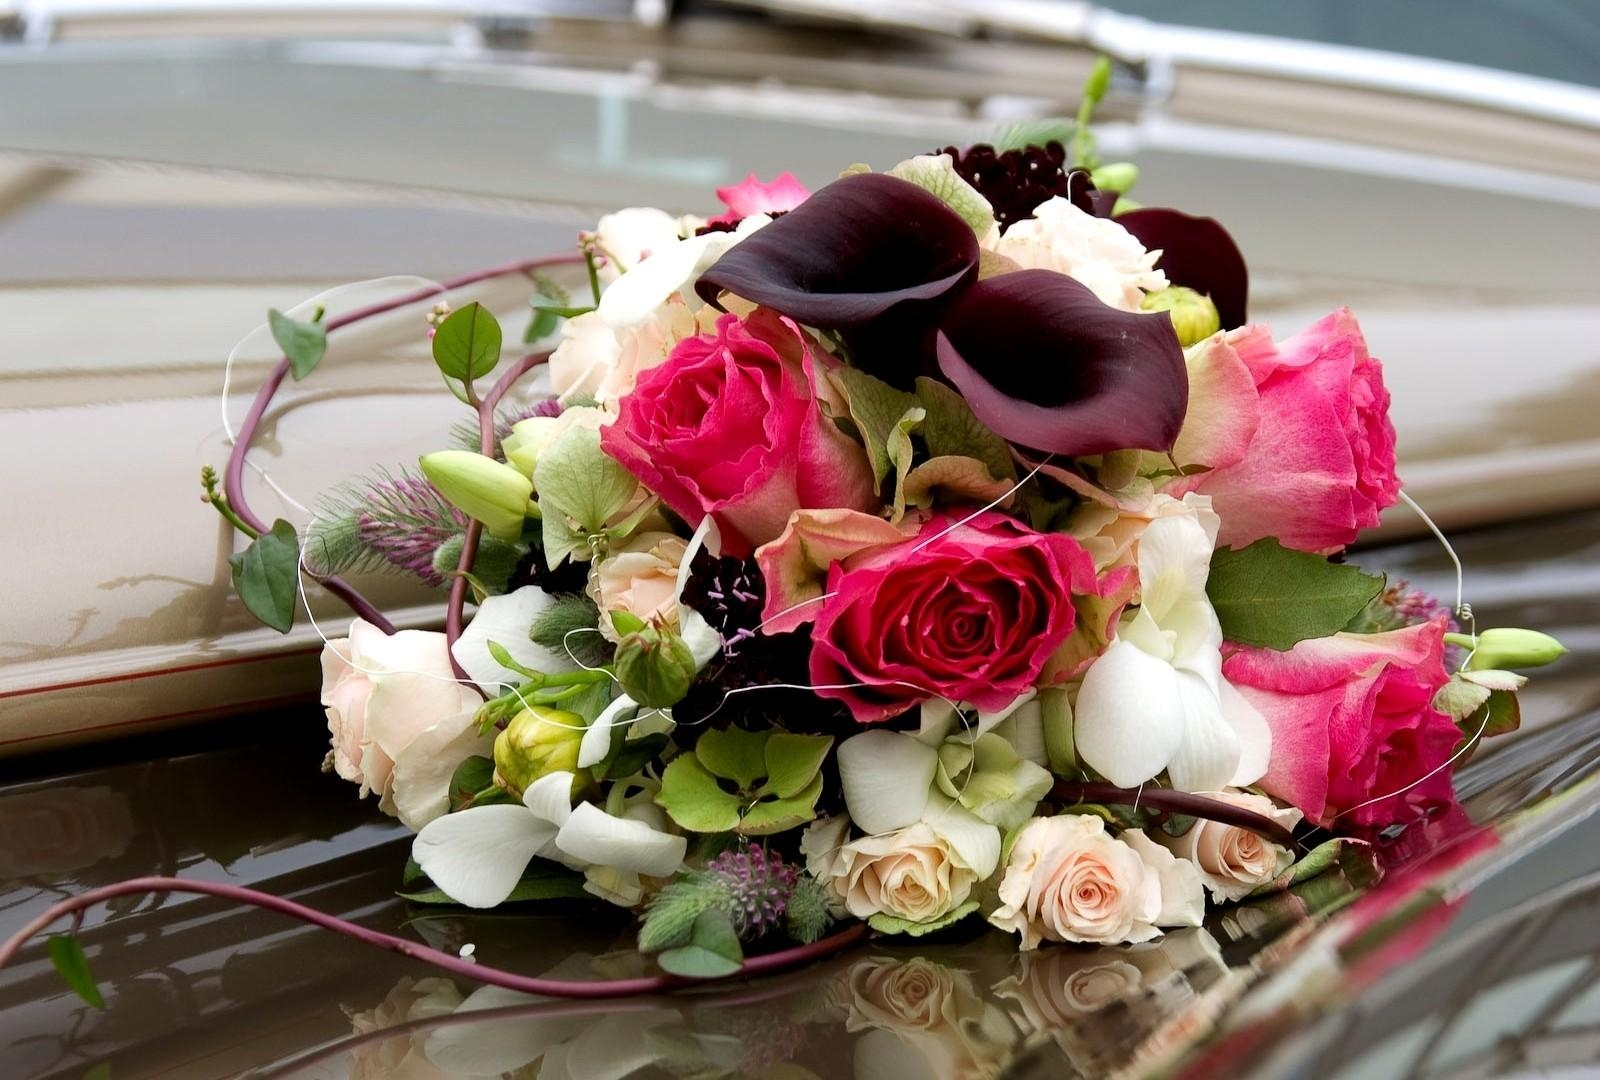 96937 скачать обои Цветы, Каллы, Букет, Оформление, Розы - заставки и картинки бесплатно